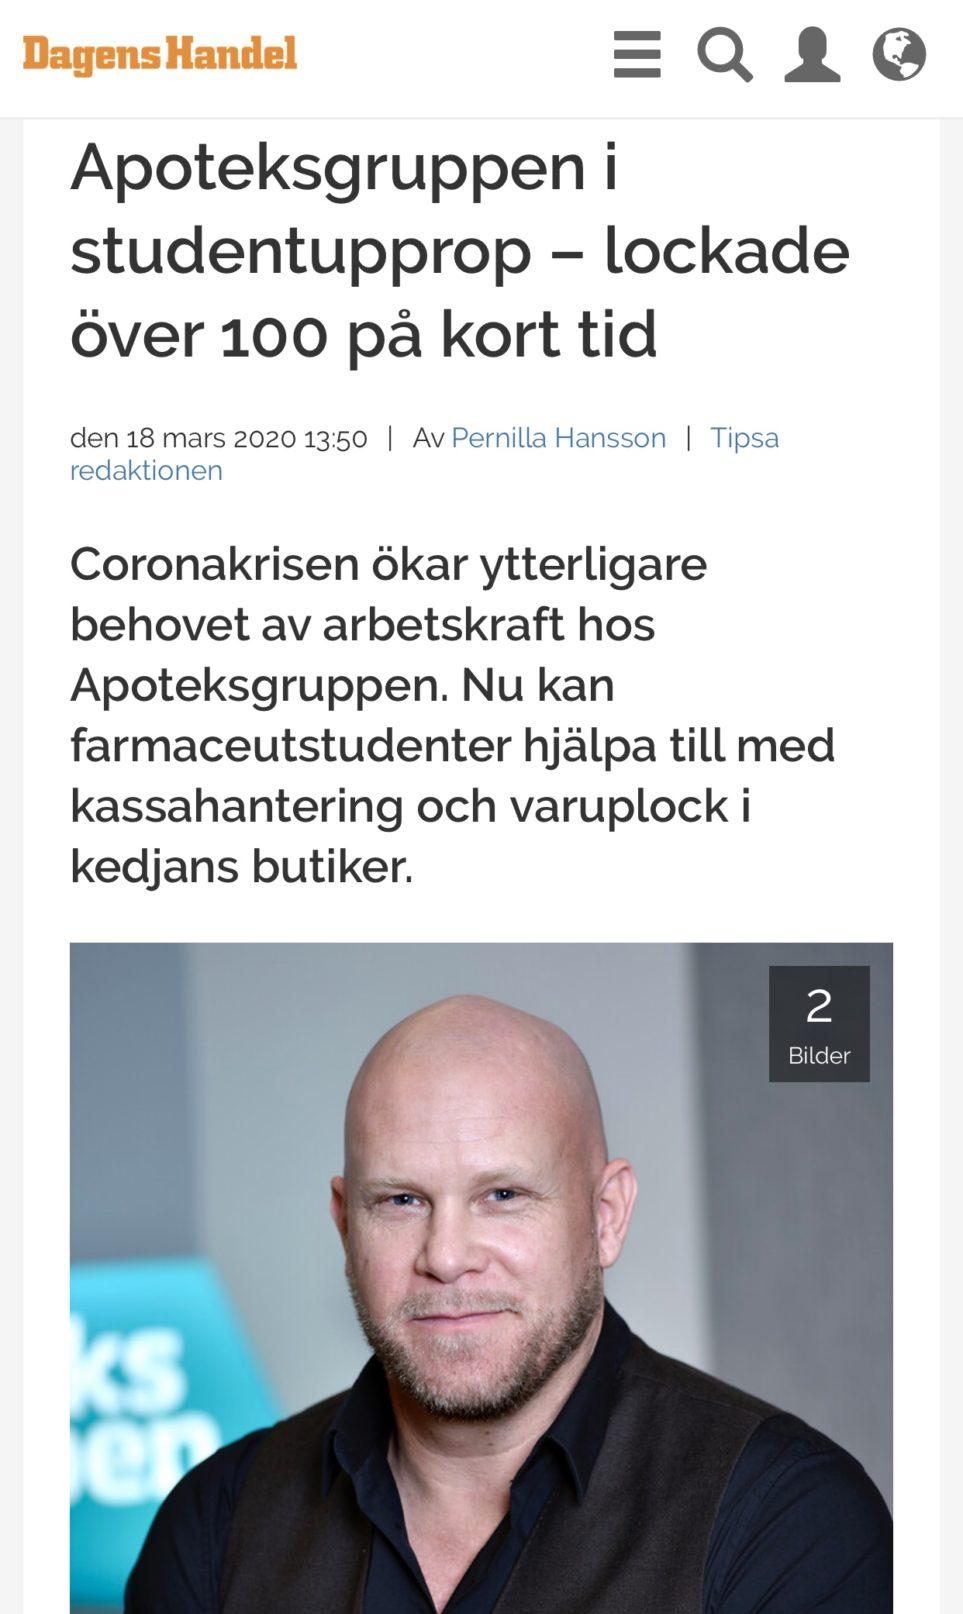 Publicering i Dagens Handel om Apoteksgruppens studentupprop